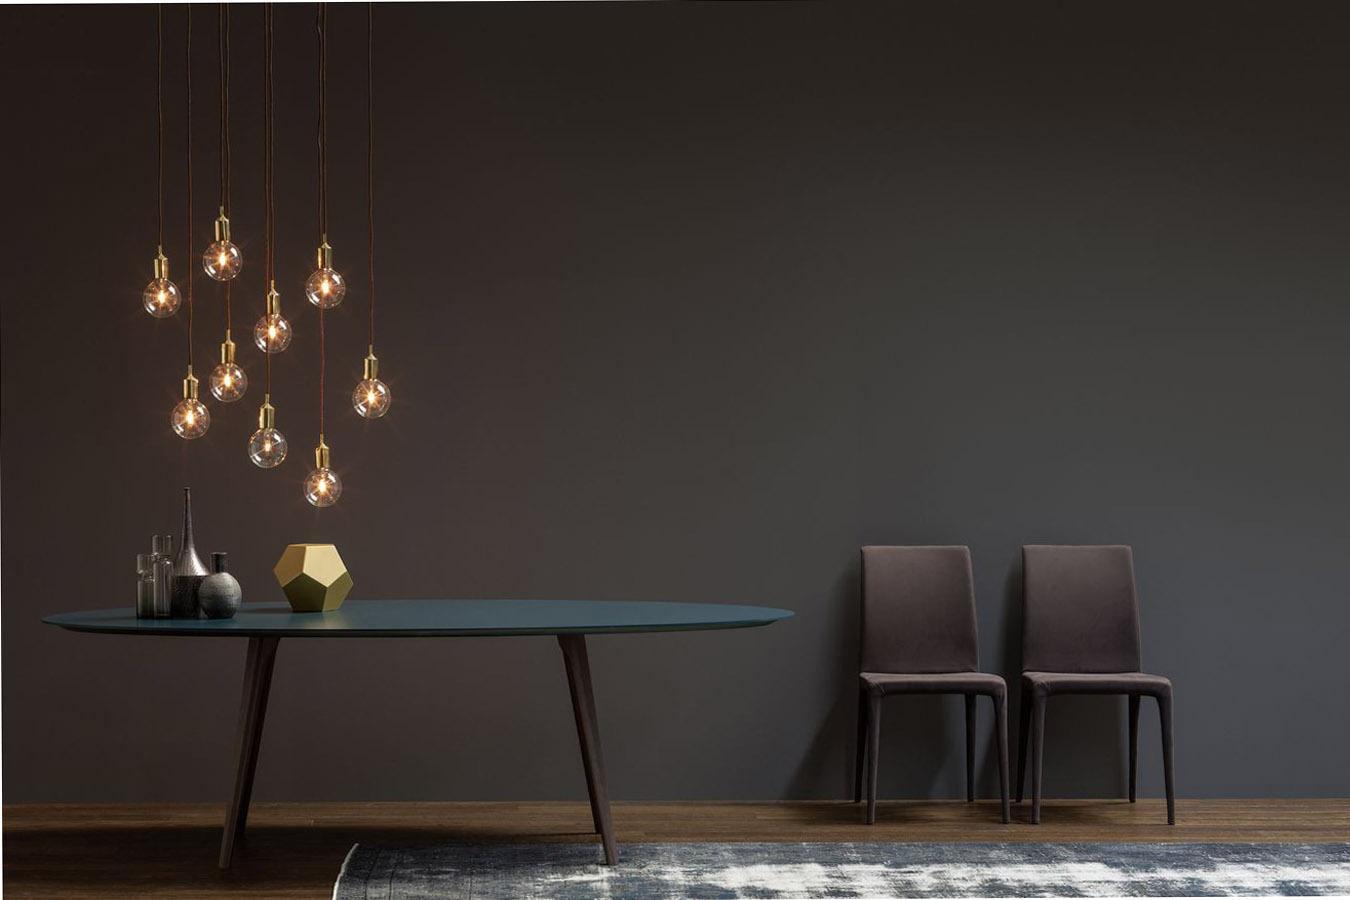 Novamobili-tavolo-Argos-moderno-design- ovale-legno-pranzo-soggiorno-arredamento-interni-mobili-righetti-novara